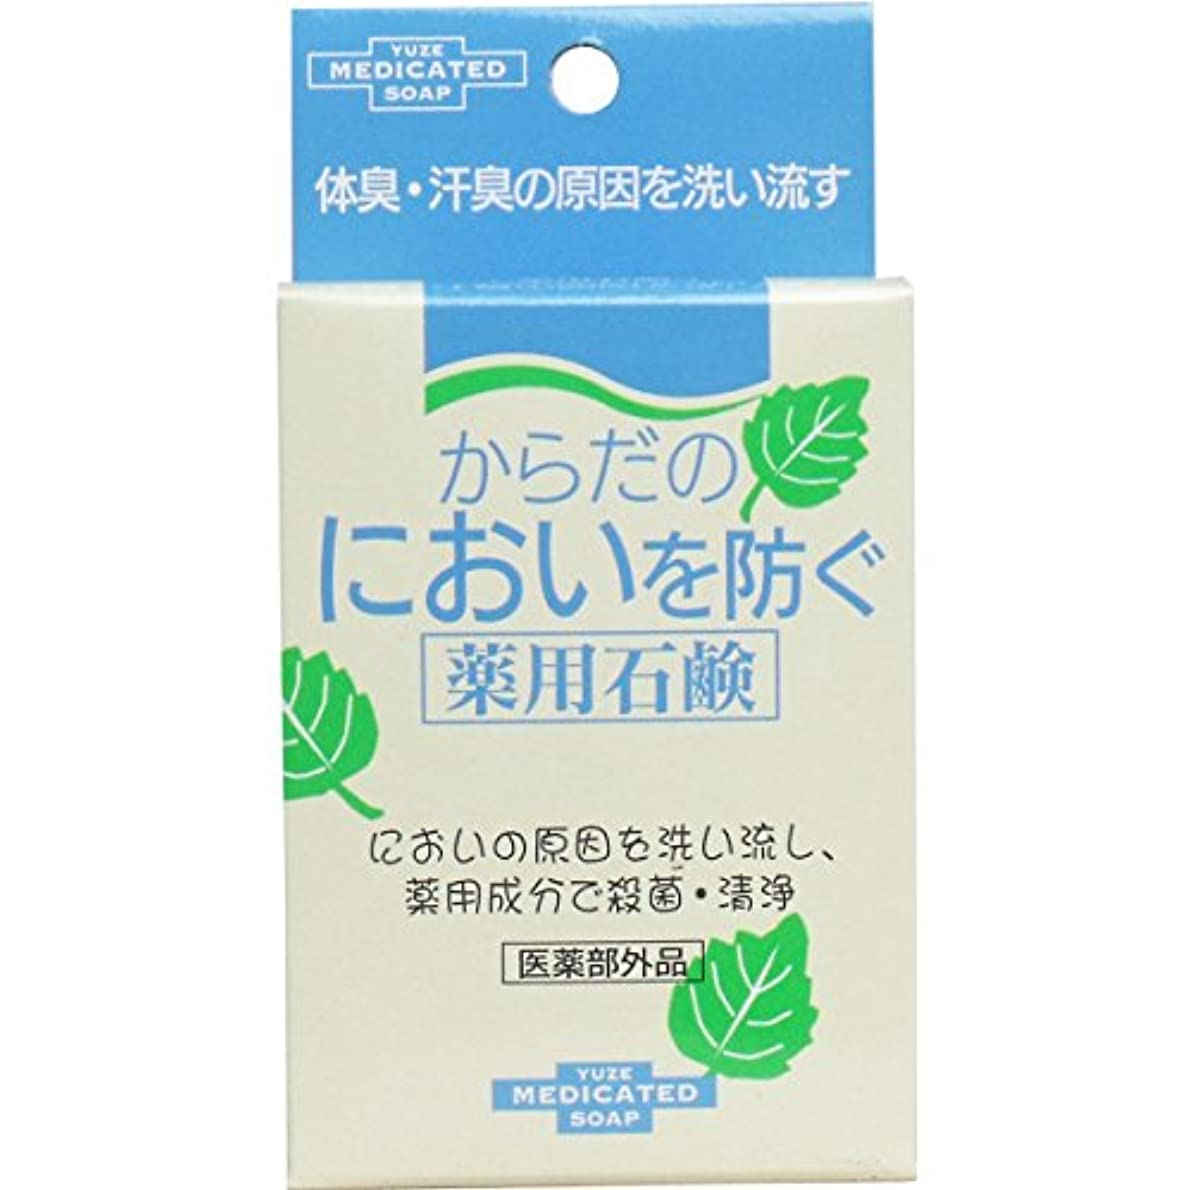 ヒギンズ学部調べるユゼからだのにおいを防ぐ薬用石鹸 110g×6個セット